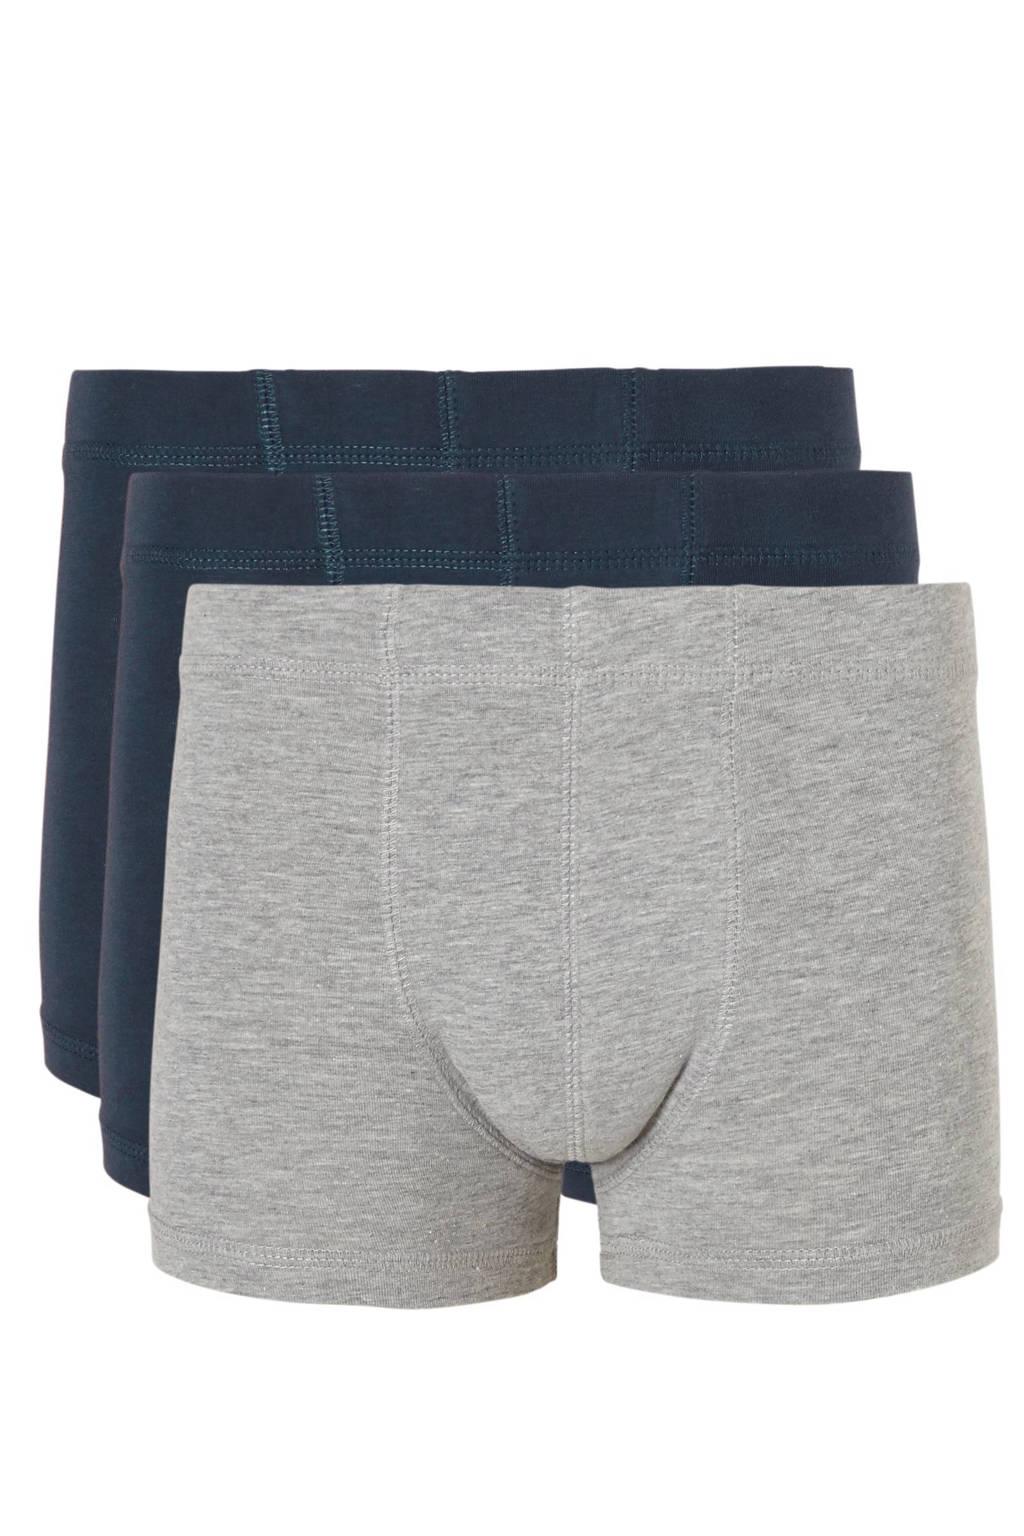 name it KIDS   boxers (set van 3), Grijs melange/donkerblauw